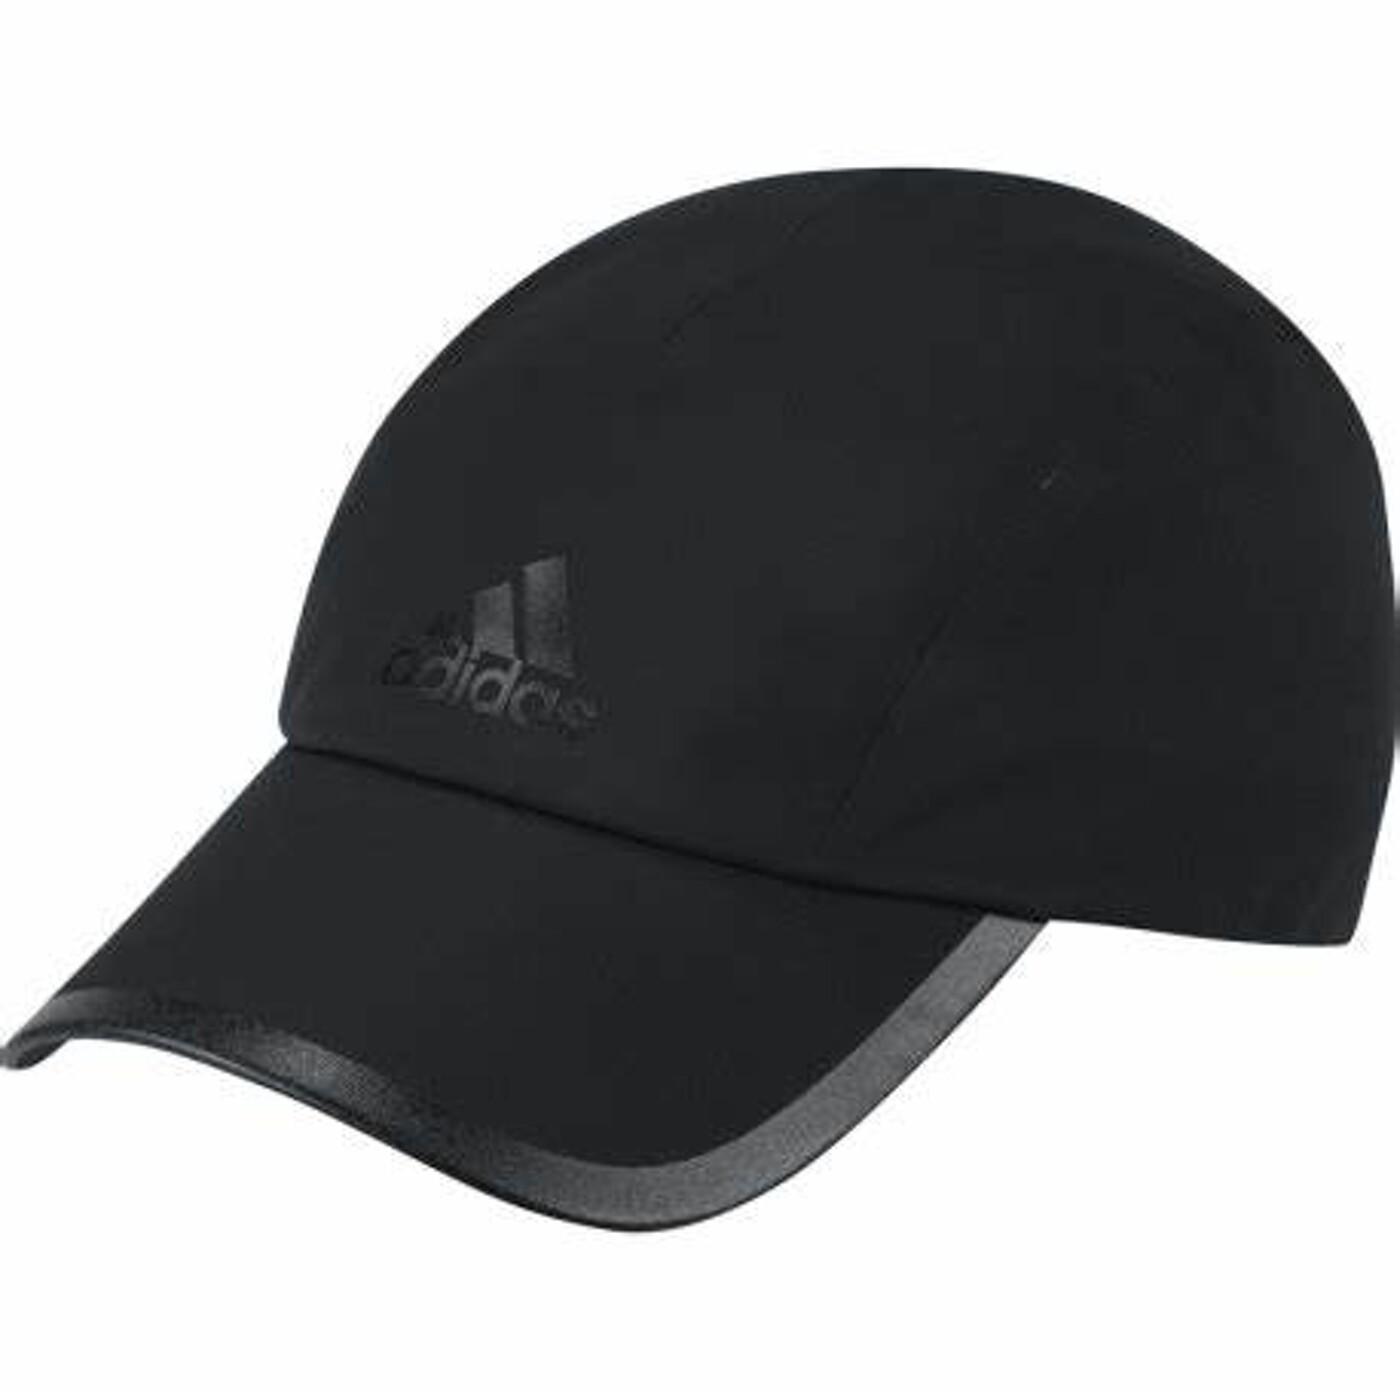 ADIDAS RUNNER BONDED KAPPE - Herren